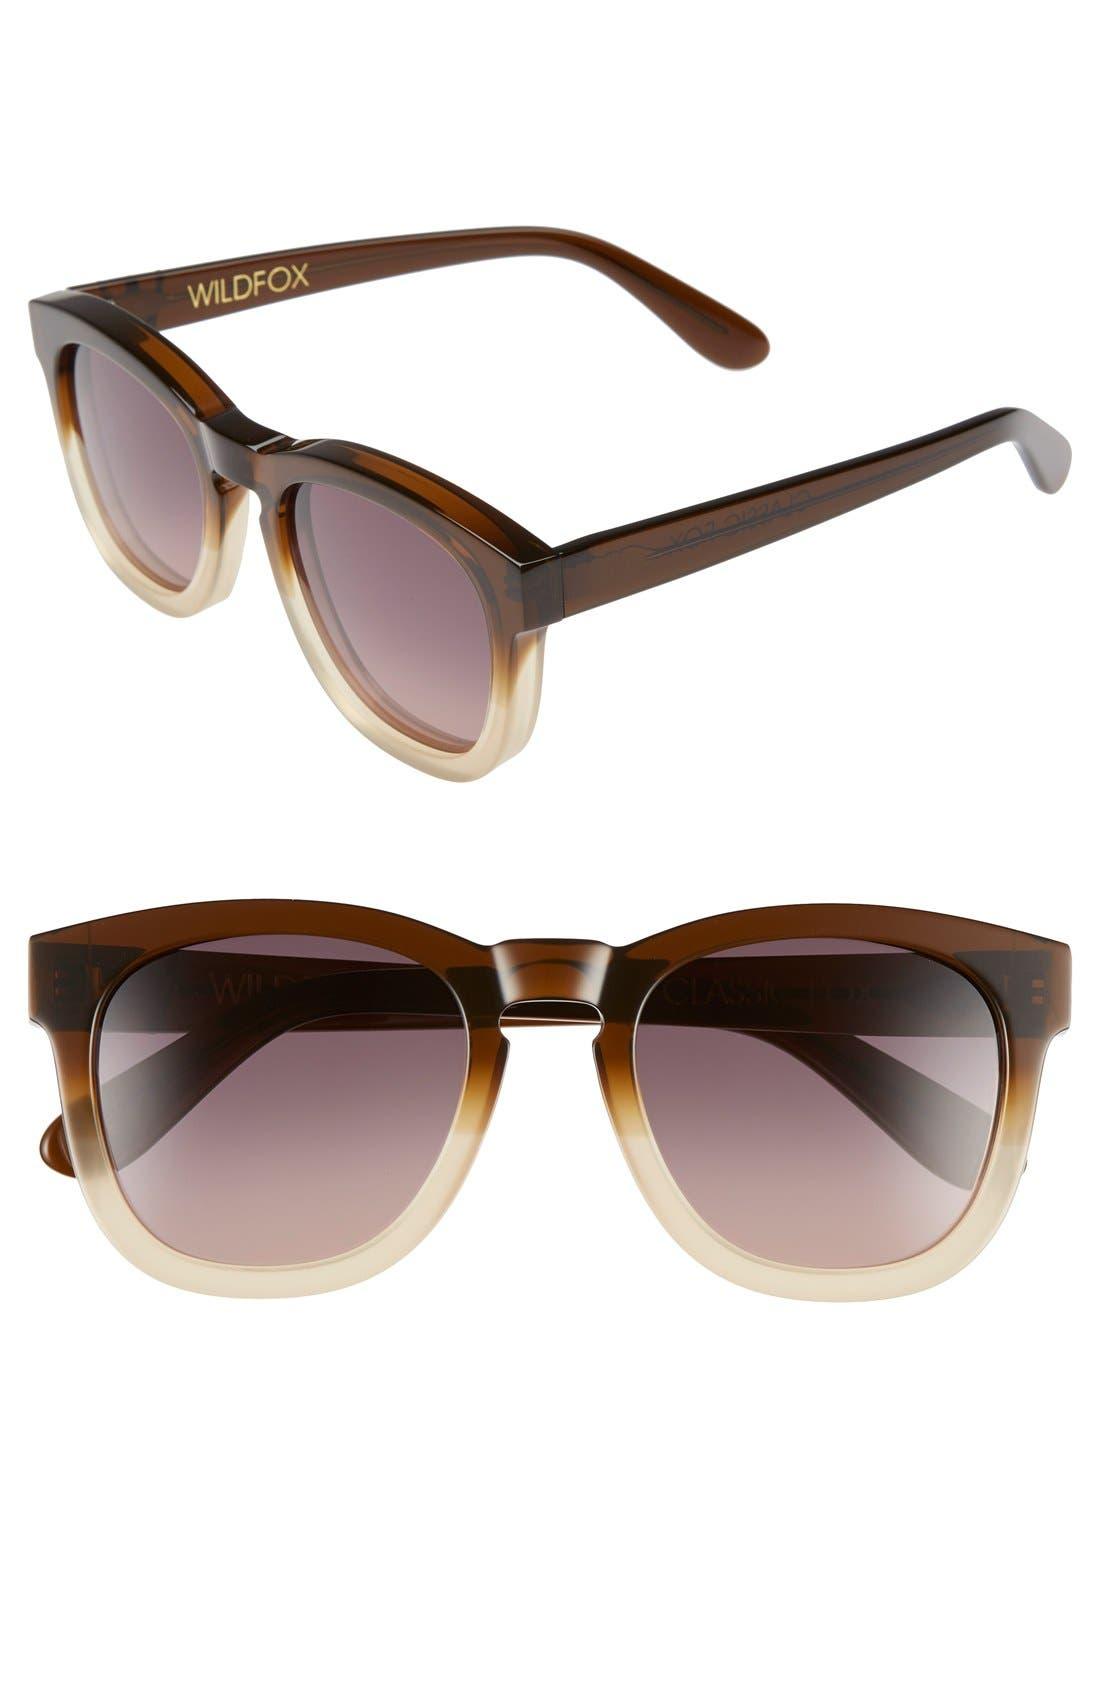 WILDFOX Classic Fox 50mm Retro Sunglasses